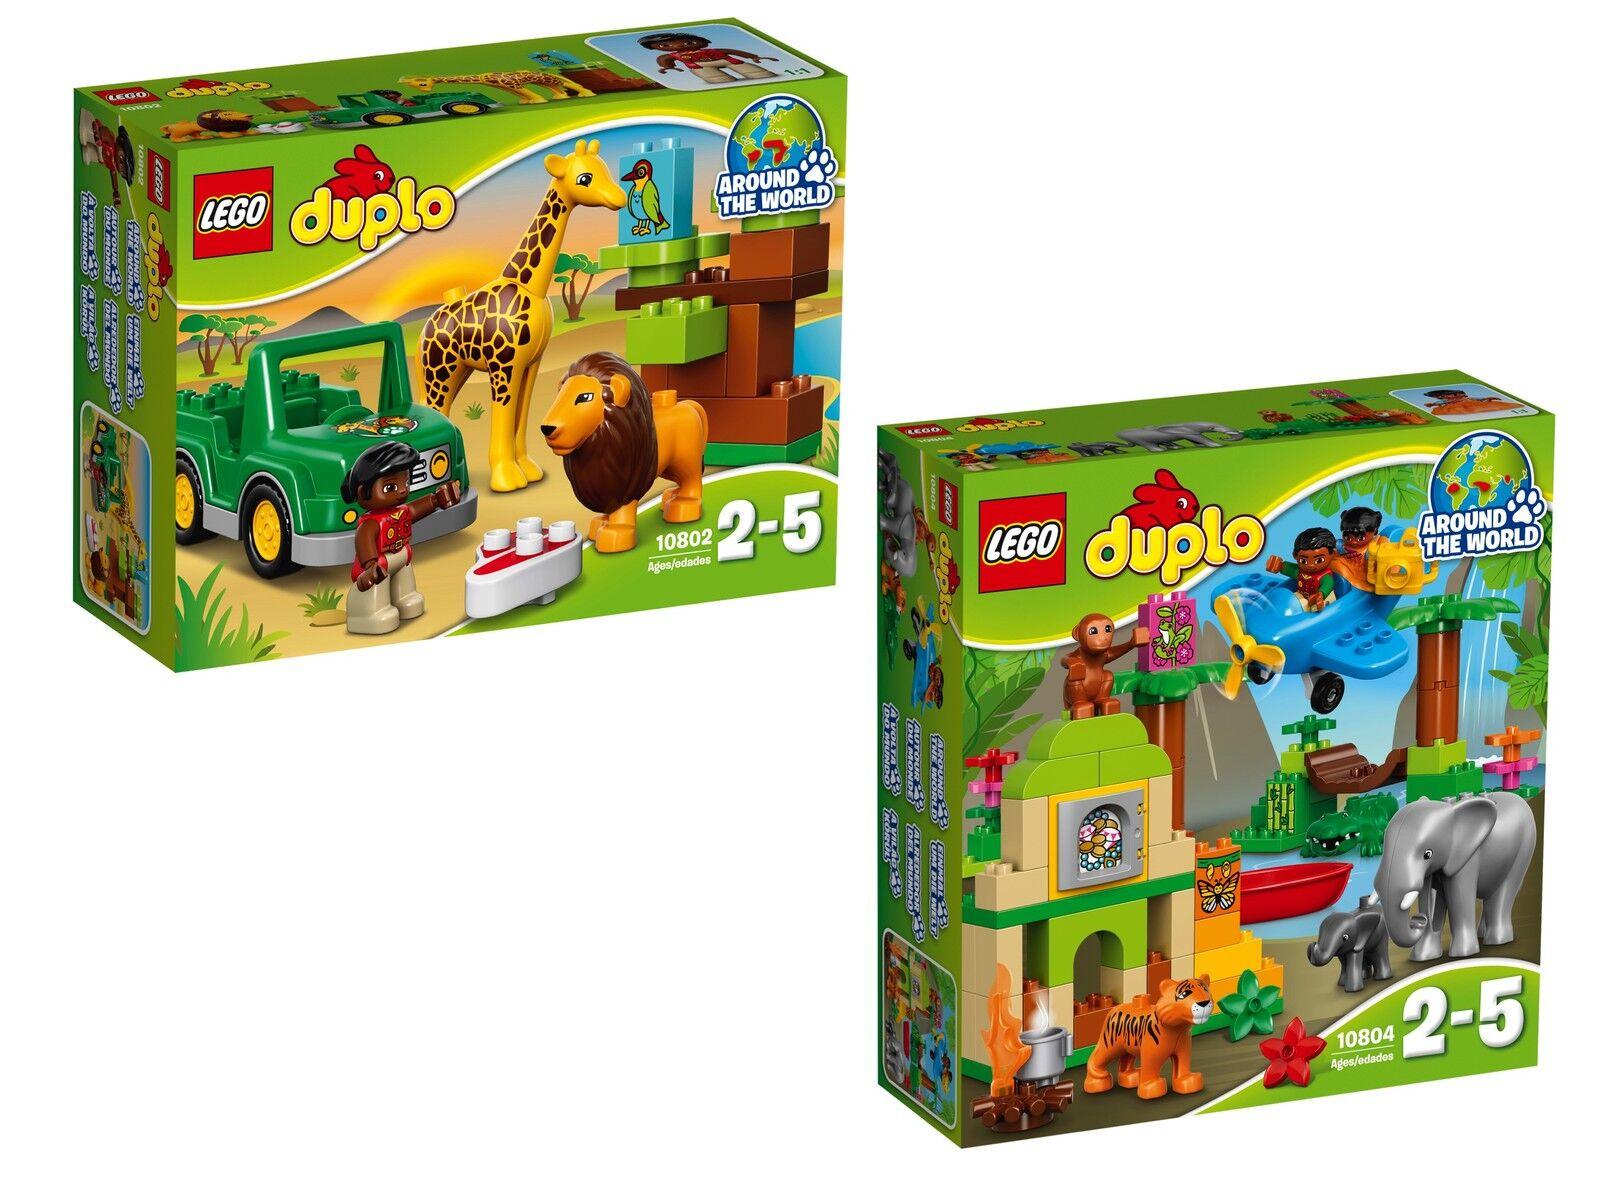 LEGO ® DUPLO ® bon Paquet 10802+10804 savane  + Jungle Neuf neuf dans sa boîte nouveau En parfait état, dans sa boîte scellée Boîte d'origine jamais ouverte  livraison gratuite!